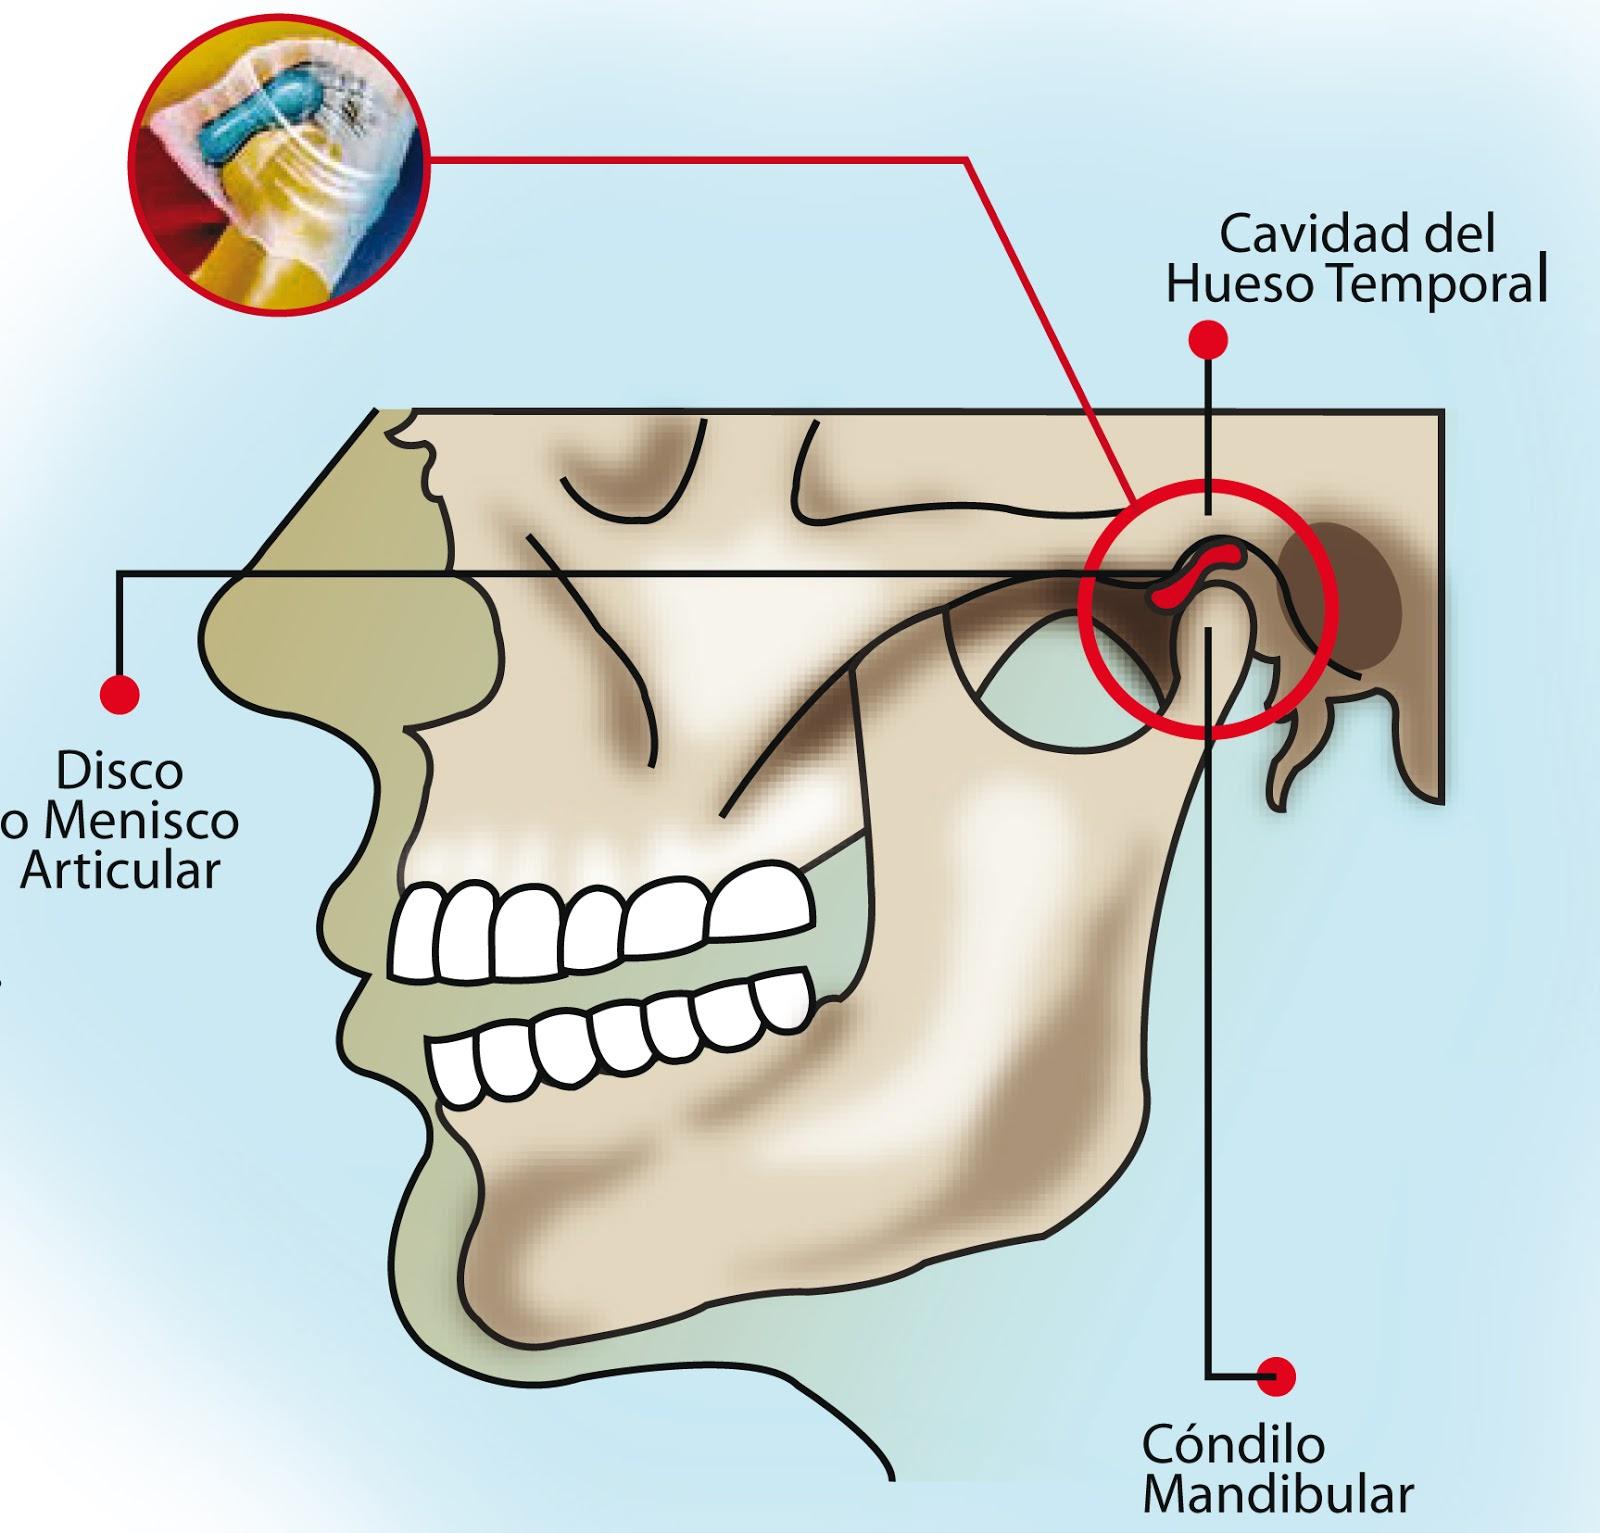 Enfermera Curiosa : Preguntas EIR 2003 - Anatomía Humana